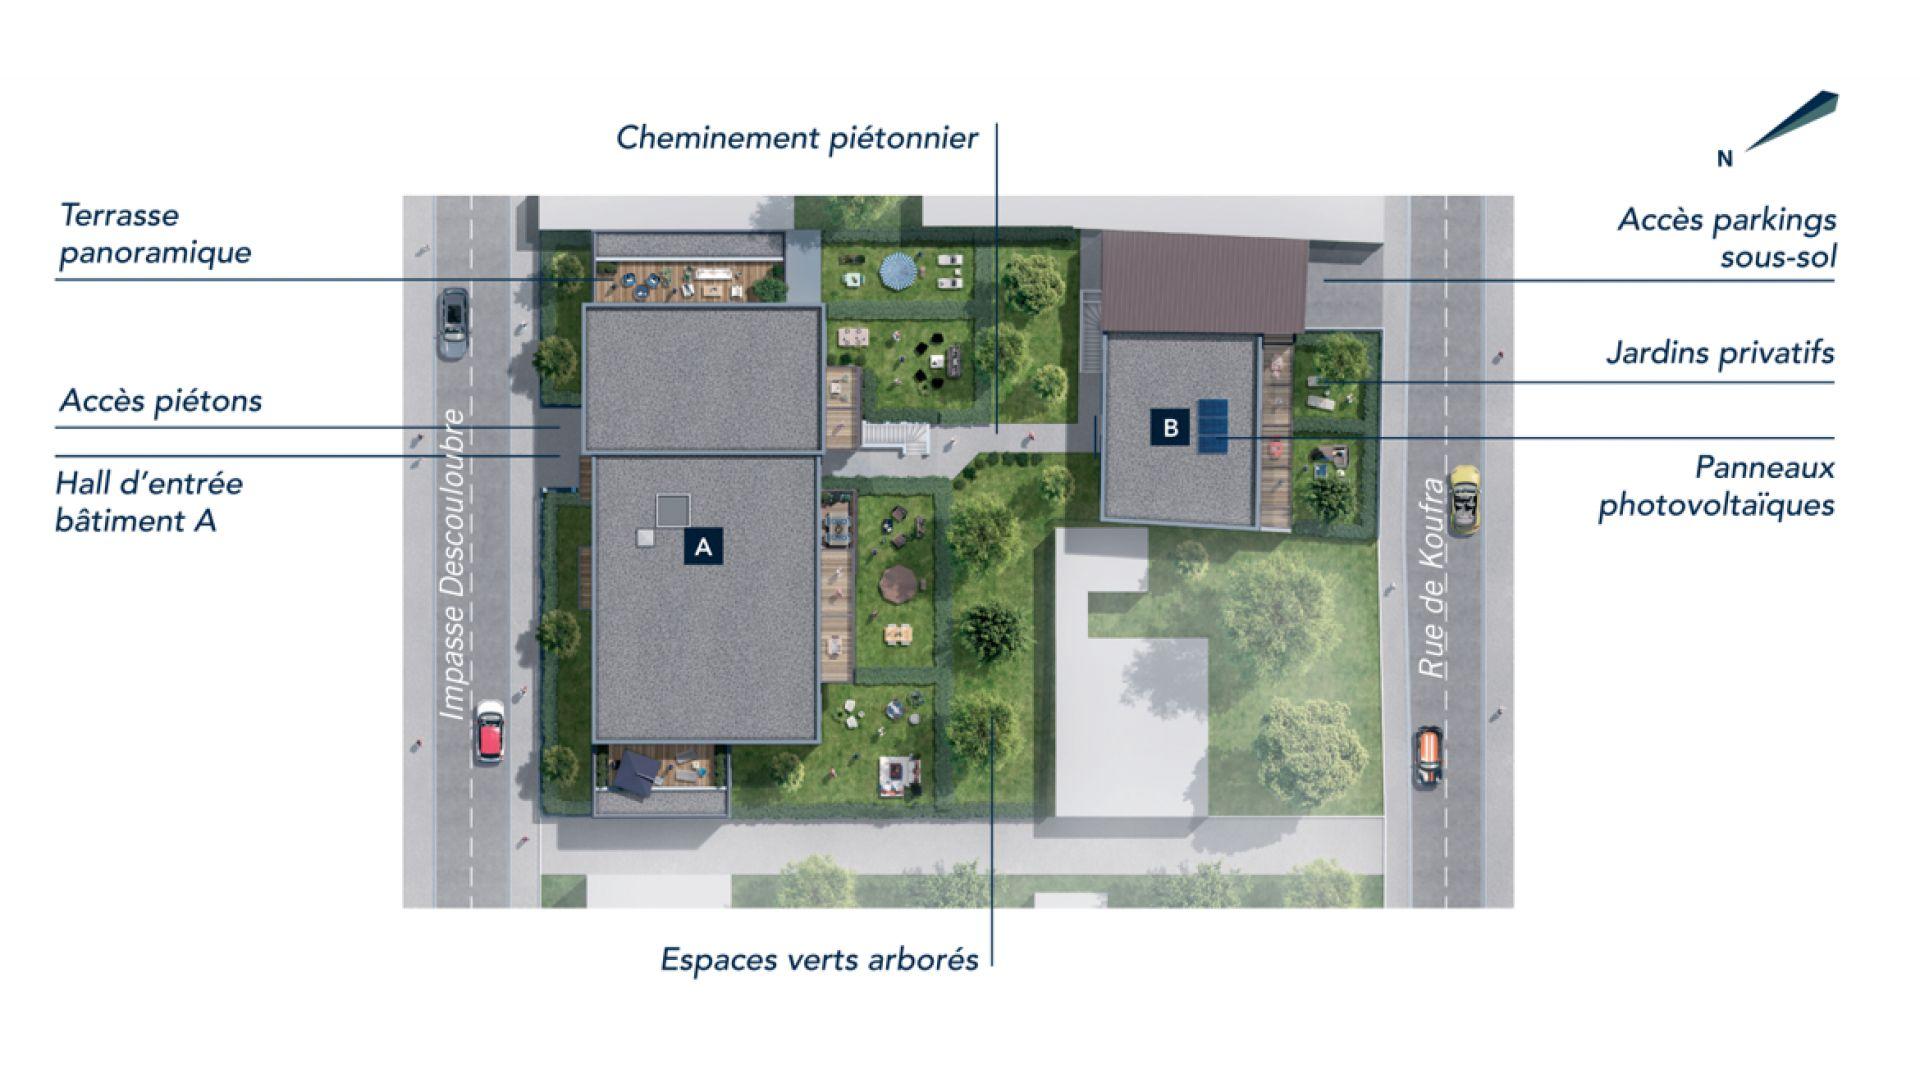 Greencity Immobilier - Résidence Sweet Garden - 31200 Toulouse Bonnefoy - appartements et villas du T2 au T4   - plan de masse